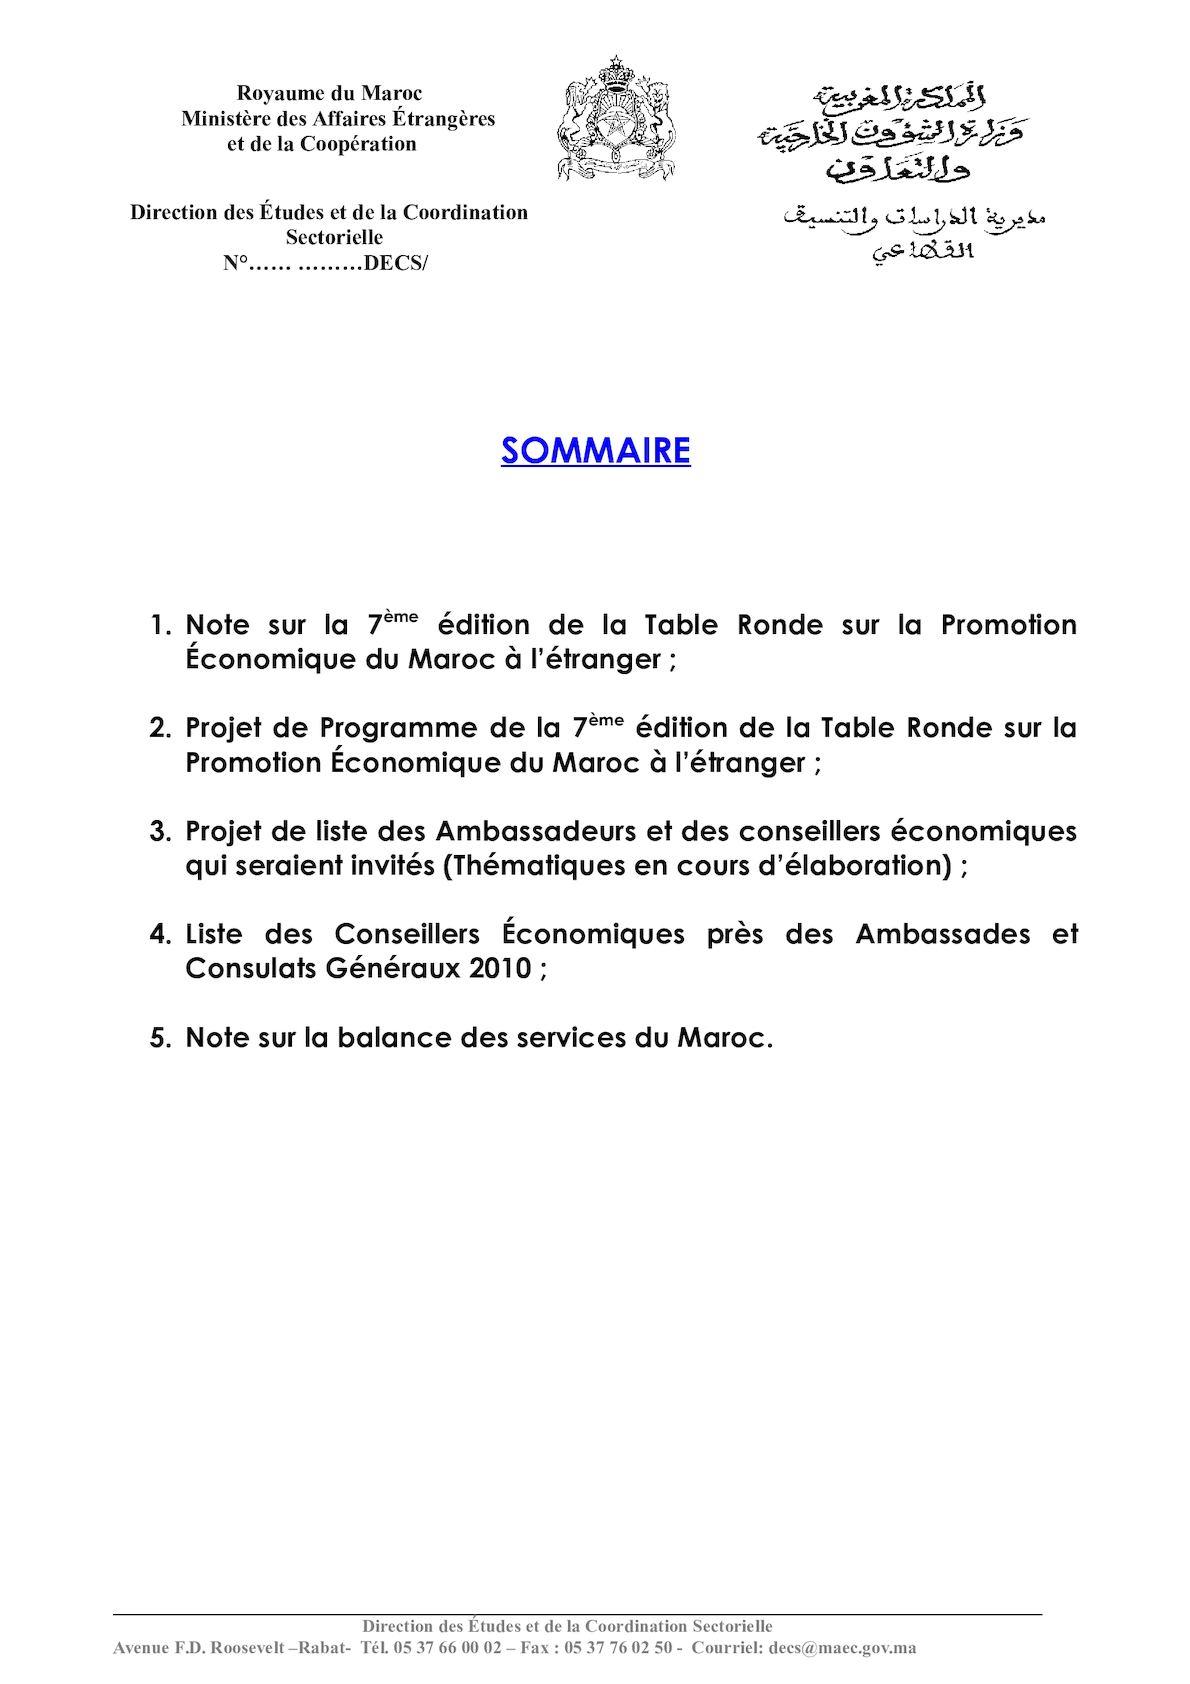 SOMMAIRE DOSSIER A L ATTENTION DE M LE MINISTRE TABLE RONDE